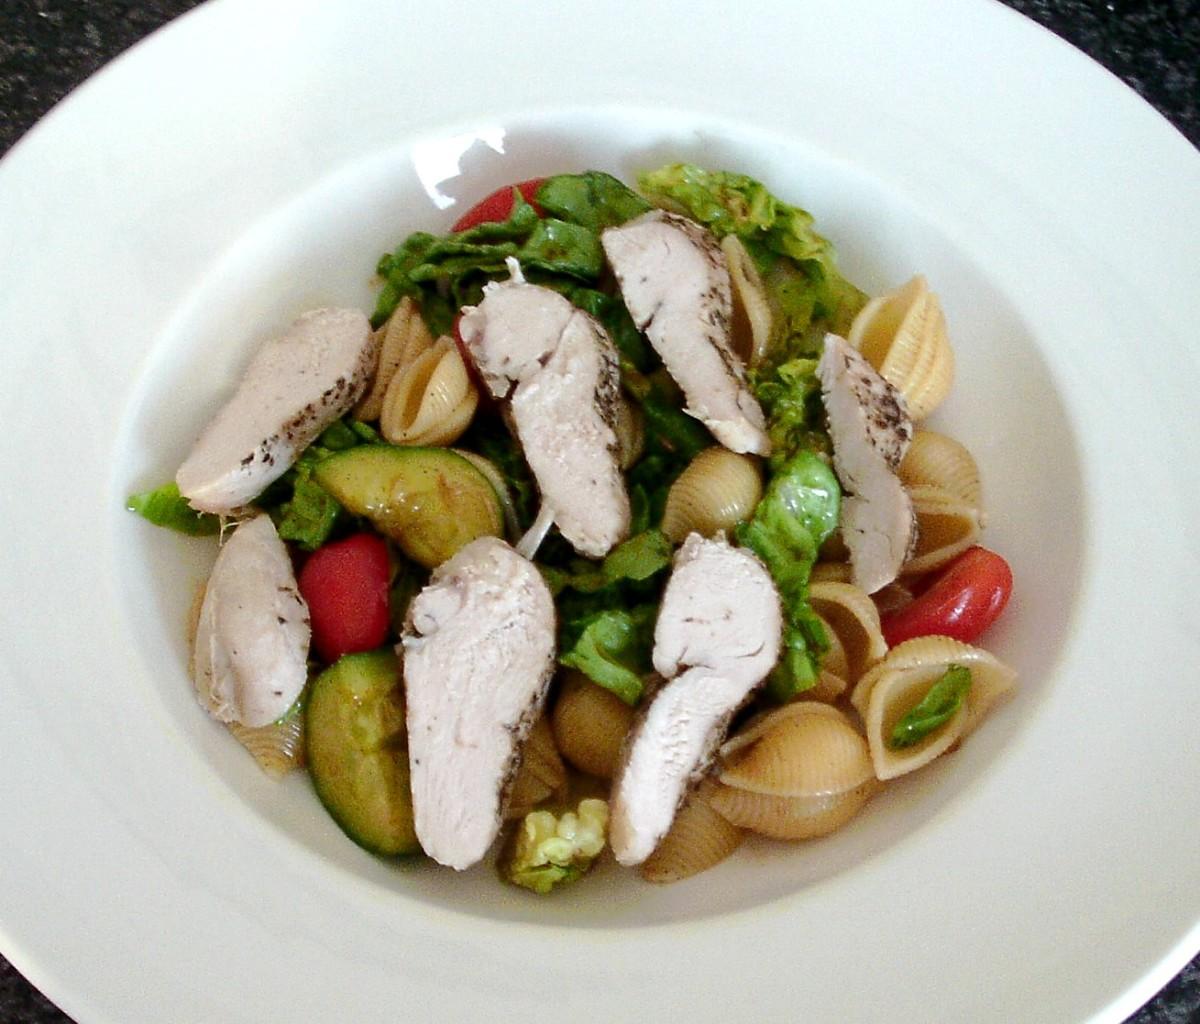 Cold Chicken Breast and Conchiglie Pasta Salad Recipe